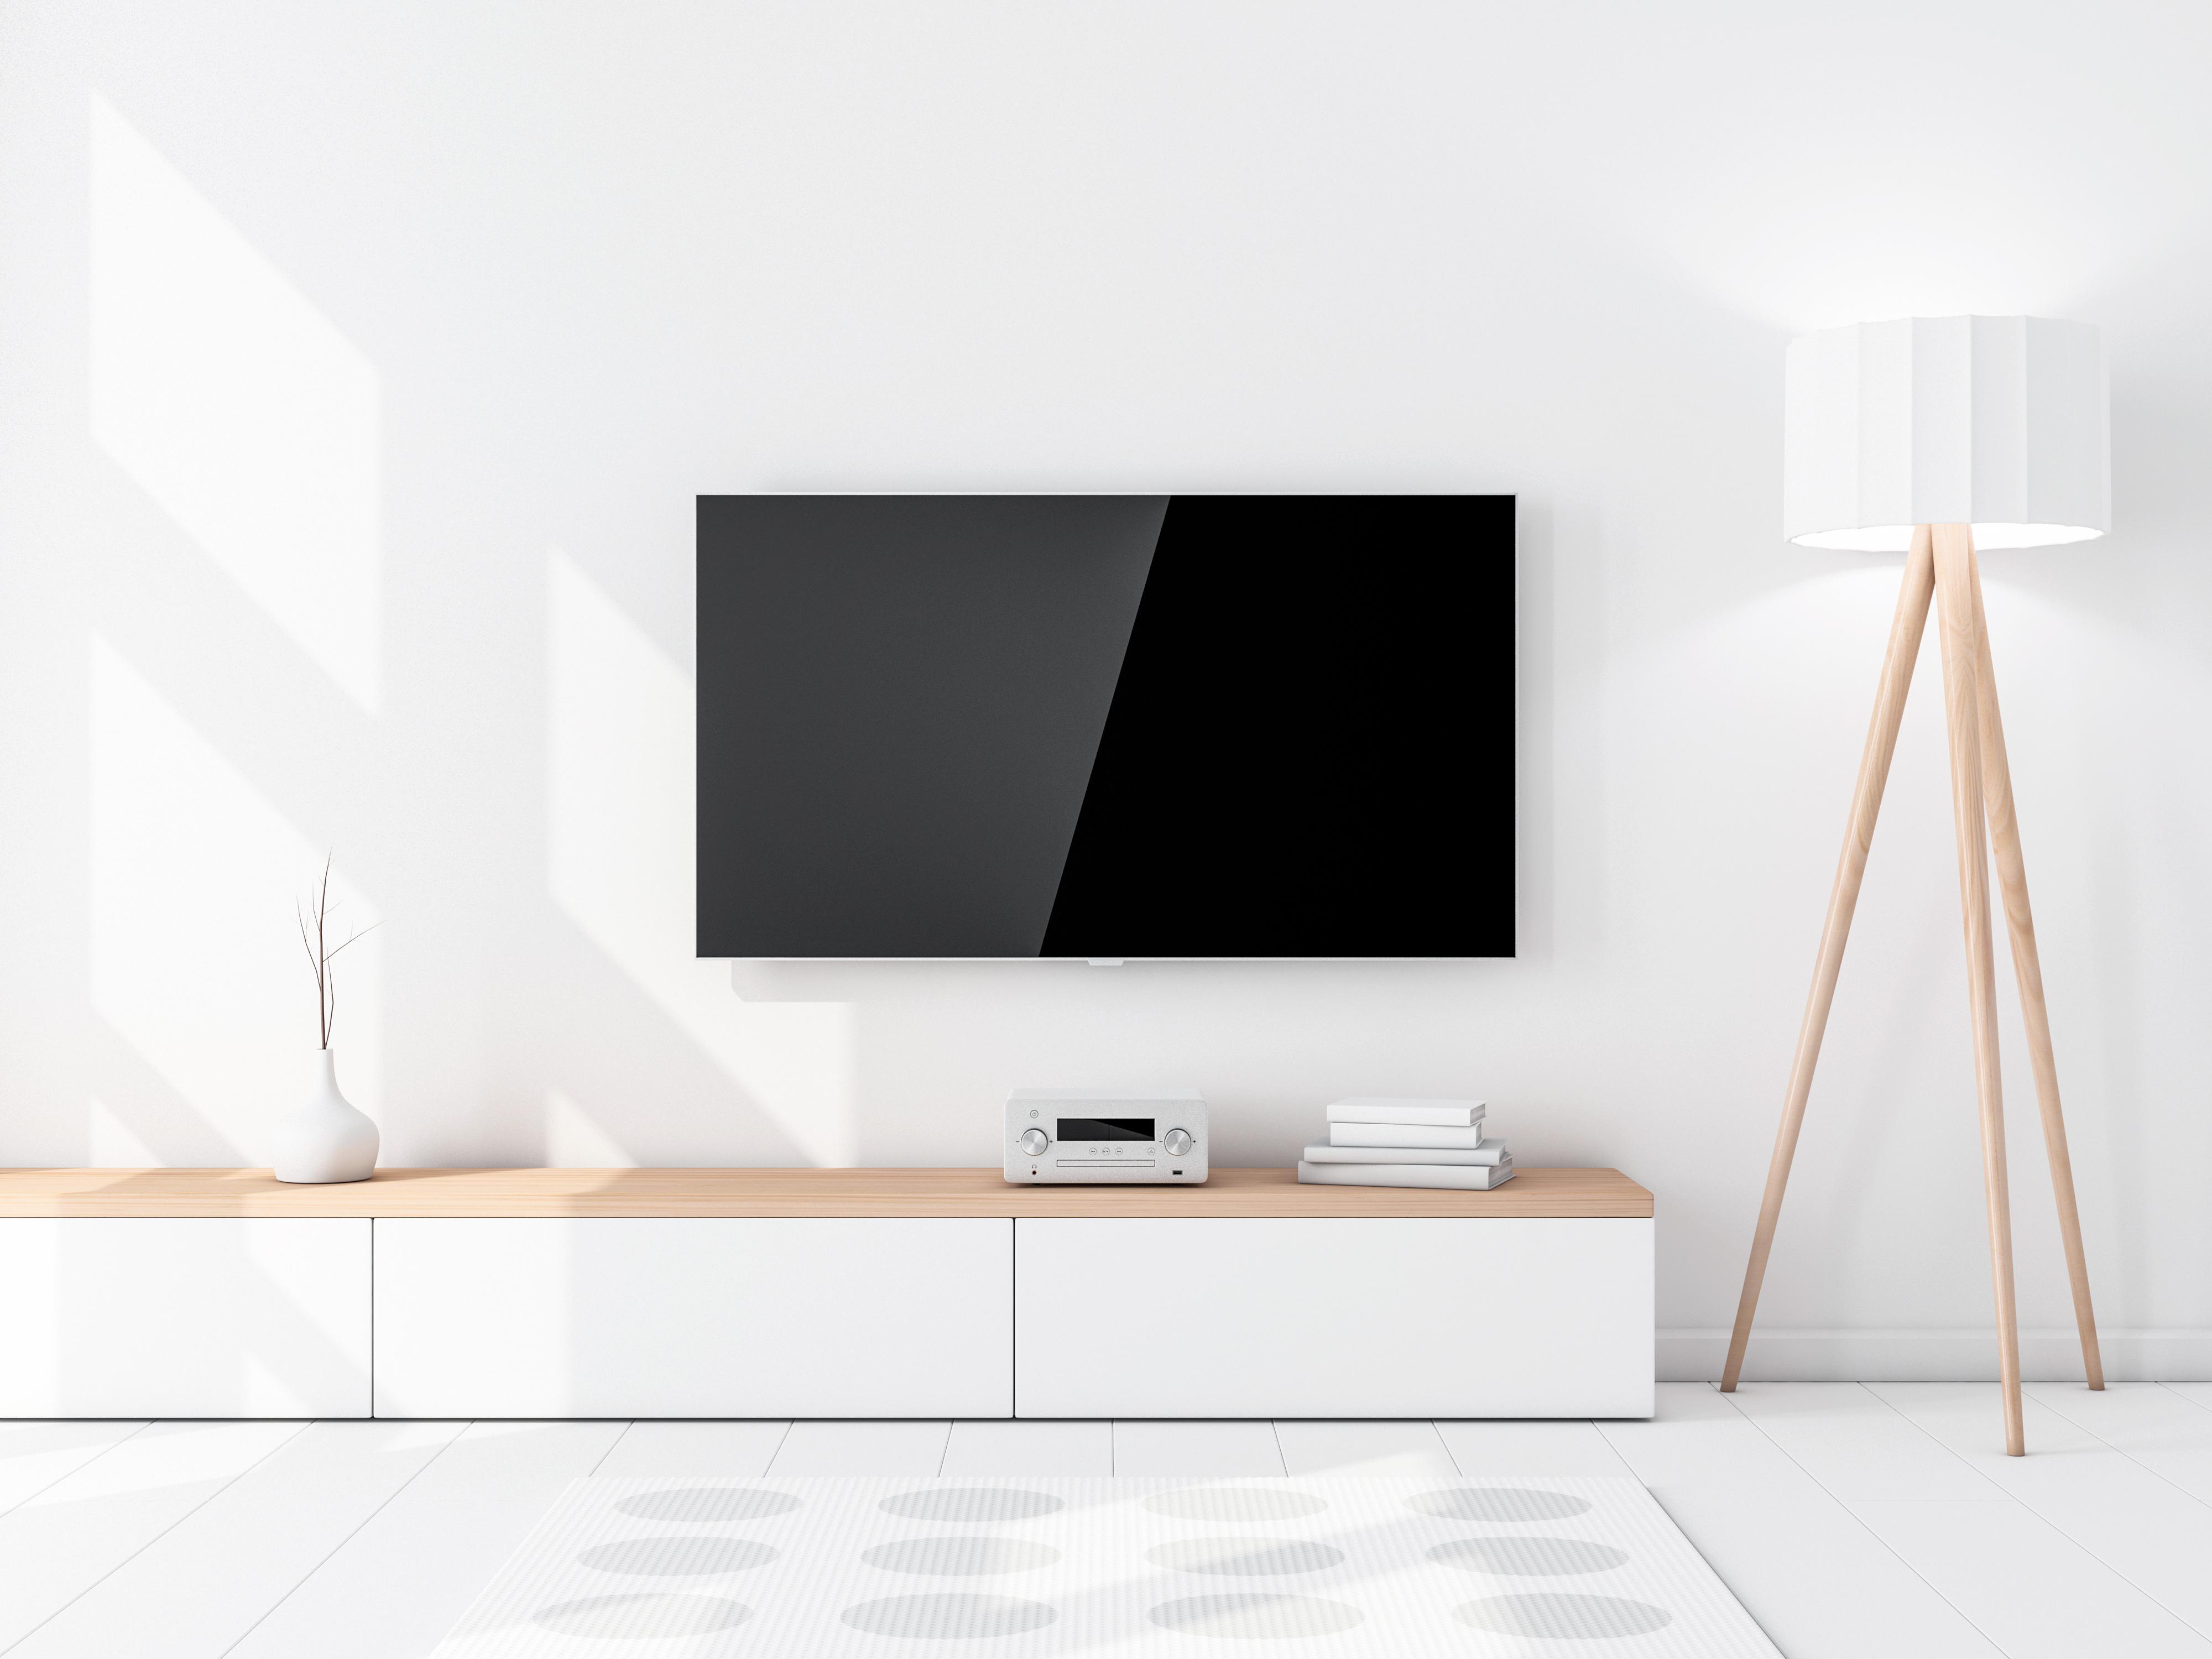 Tutkimus (Demand Generator): TV-mainonta toi parhaan tuoton pitkällä aikavälillä